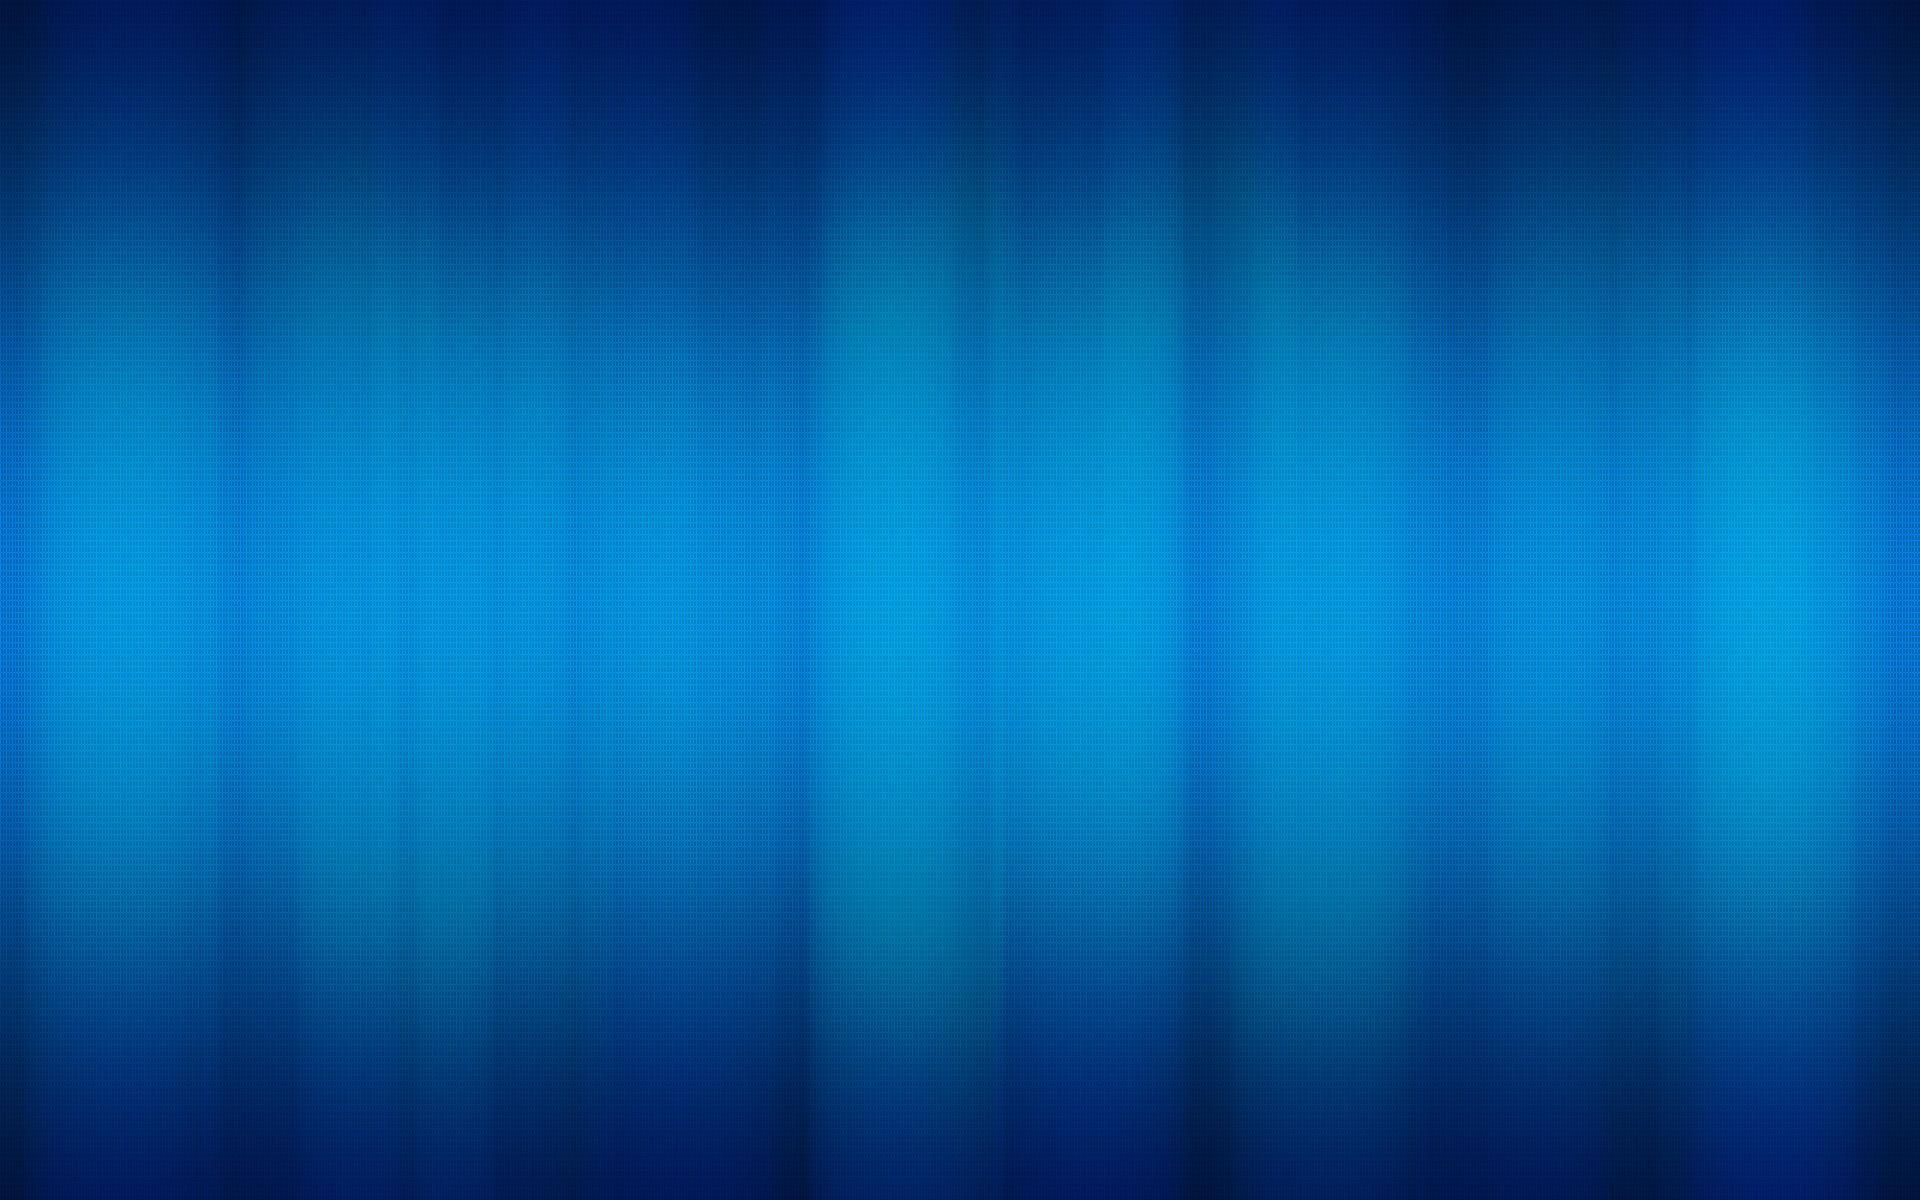 blue grid by cyantix